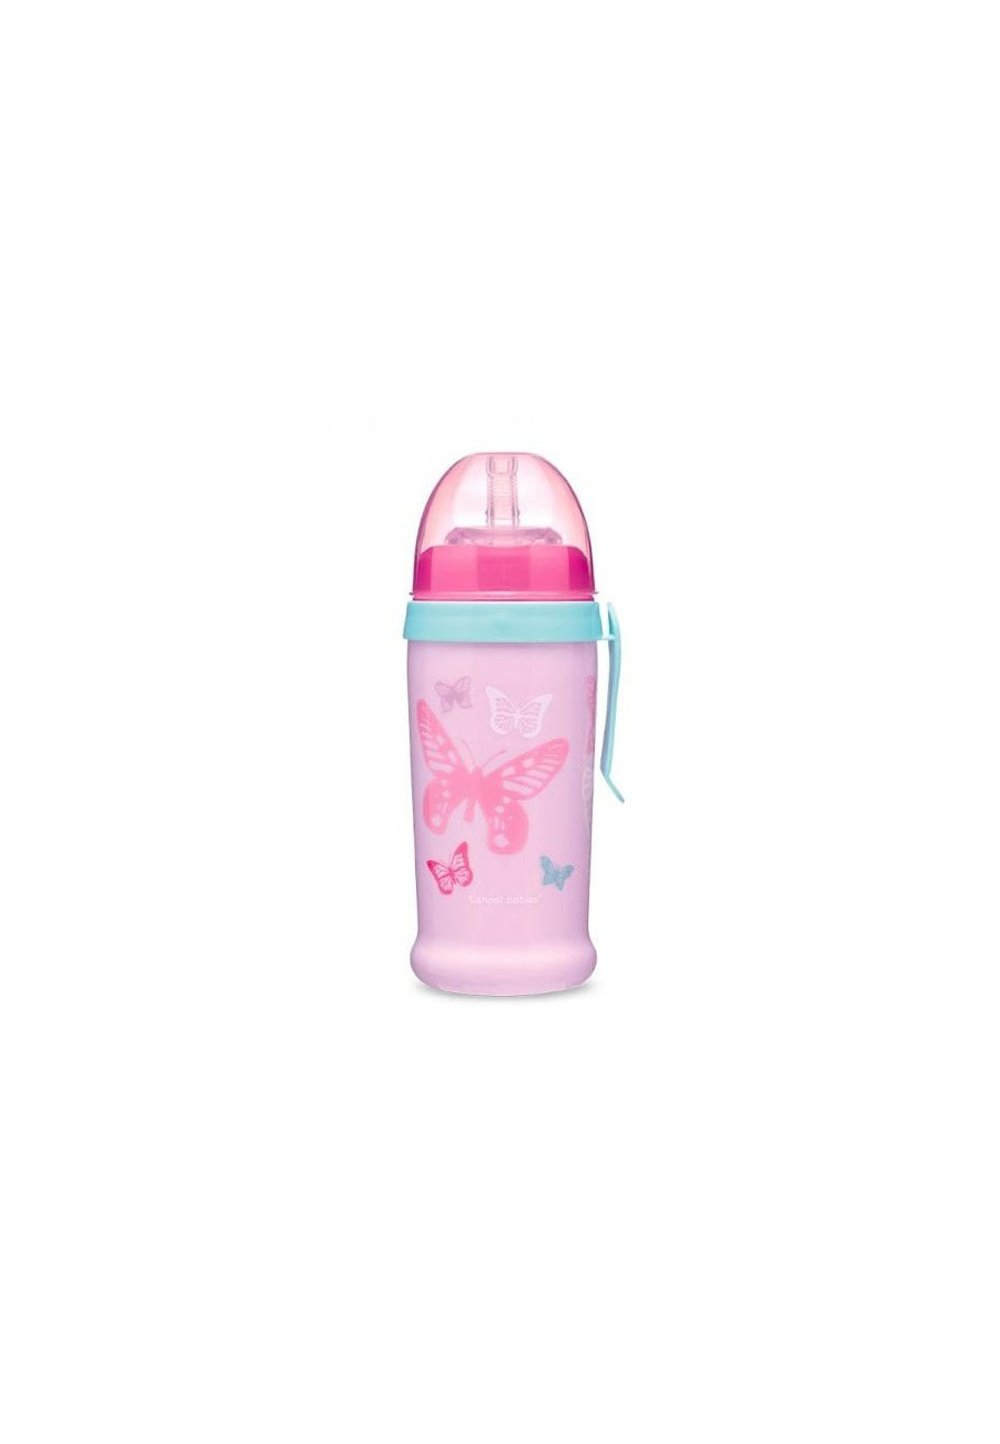 Sticla cu pai, Canpol, fluturasi roz, +12luni imagine